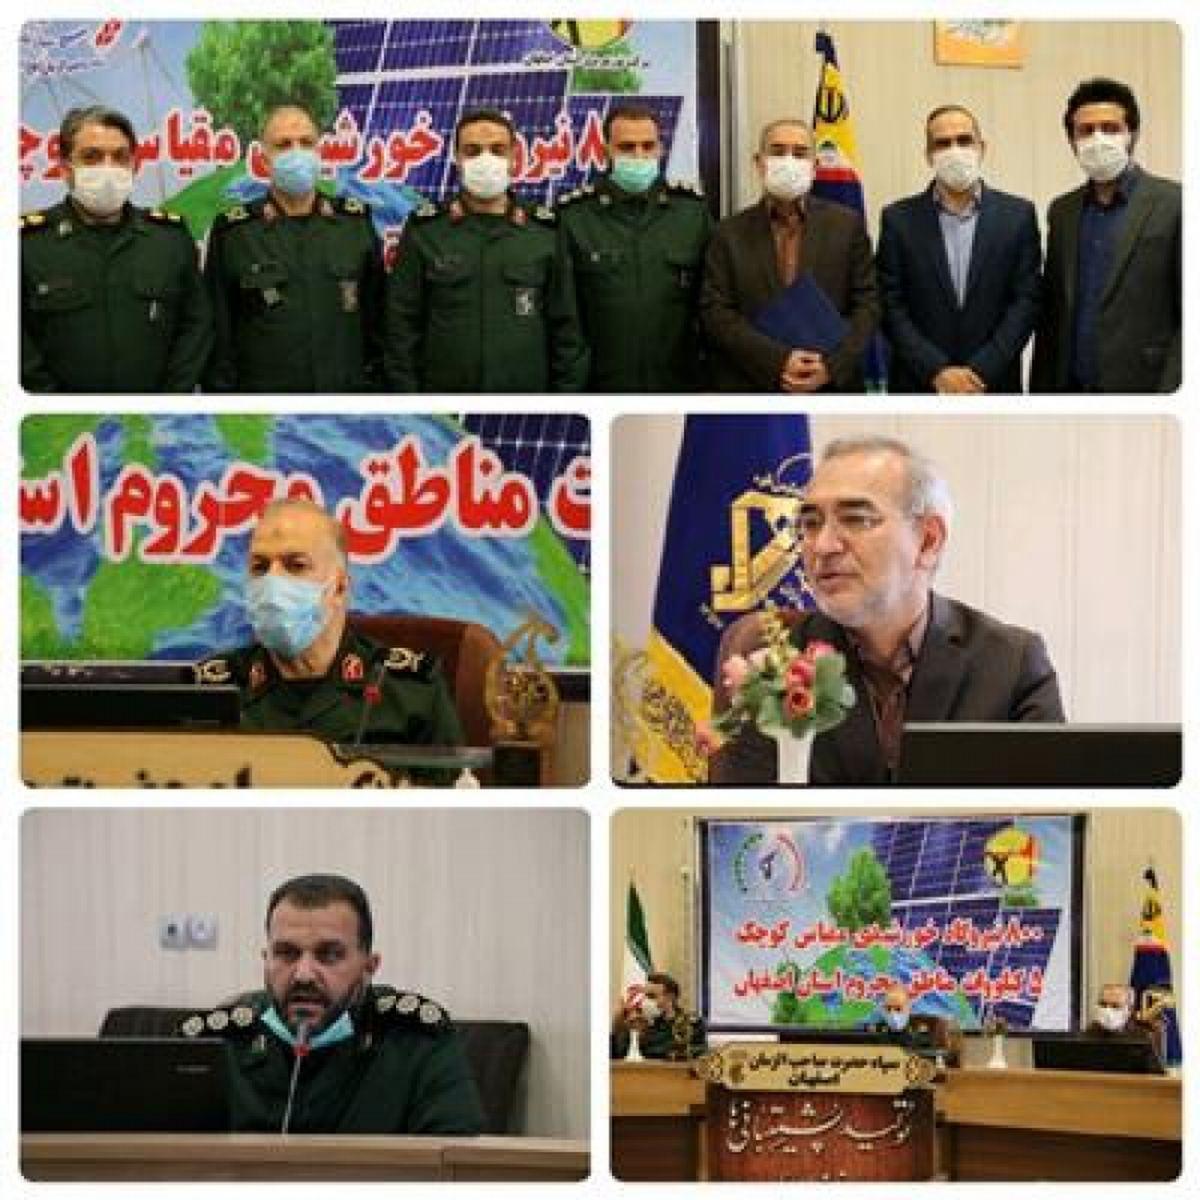 نصب ۸۰۰ نیروگاه خورشیدی ۵ کیلوواتی در مناطق محروم استان اصفهان